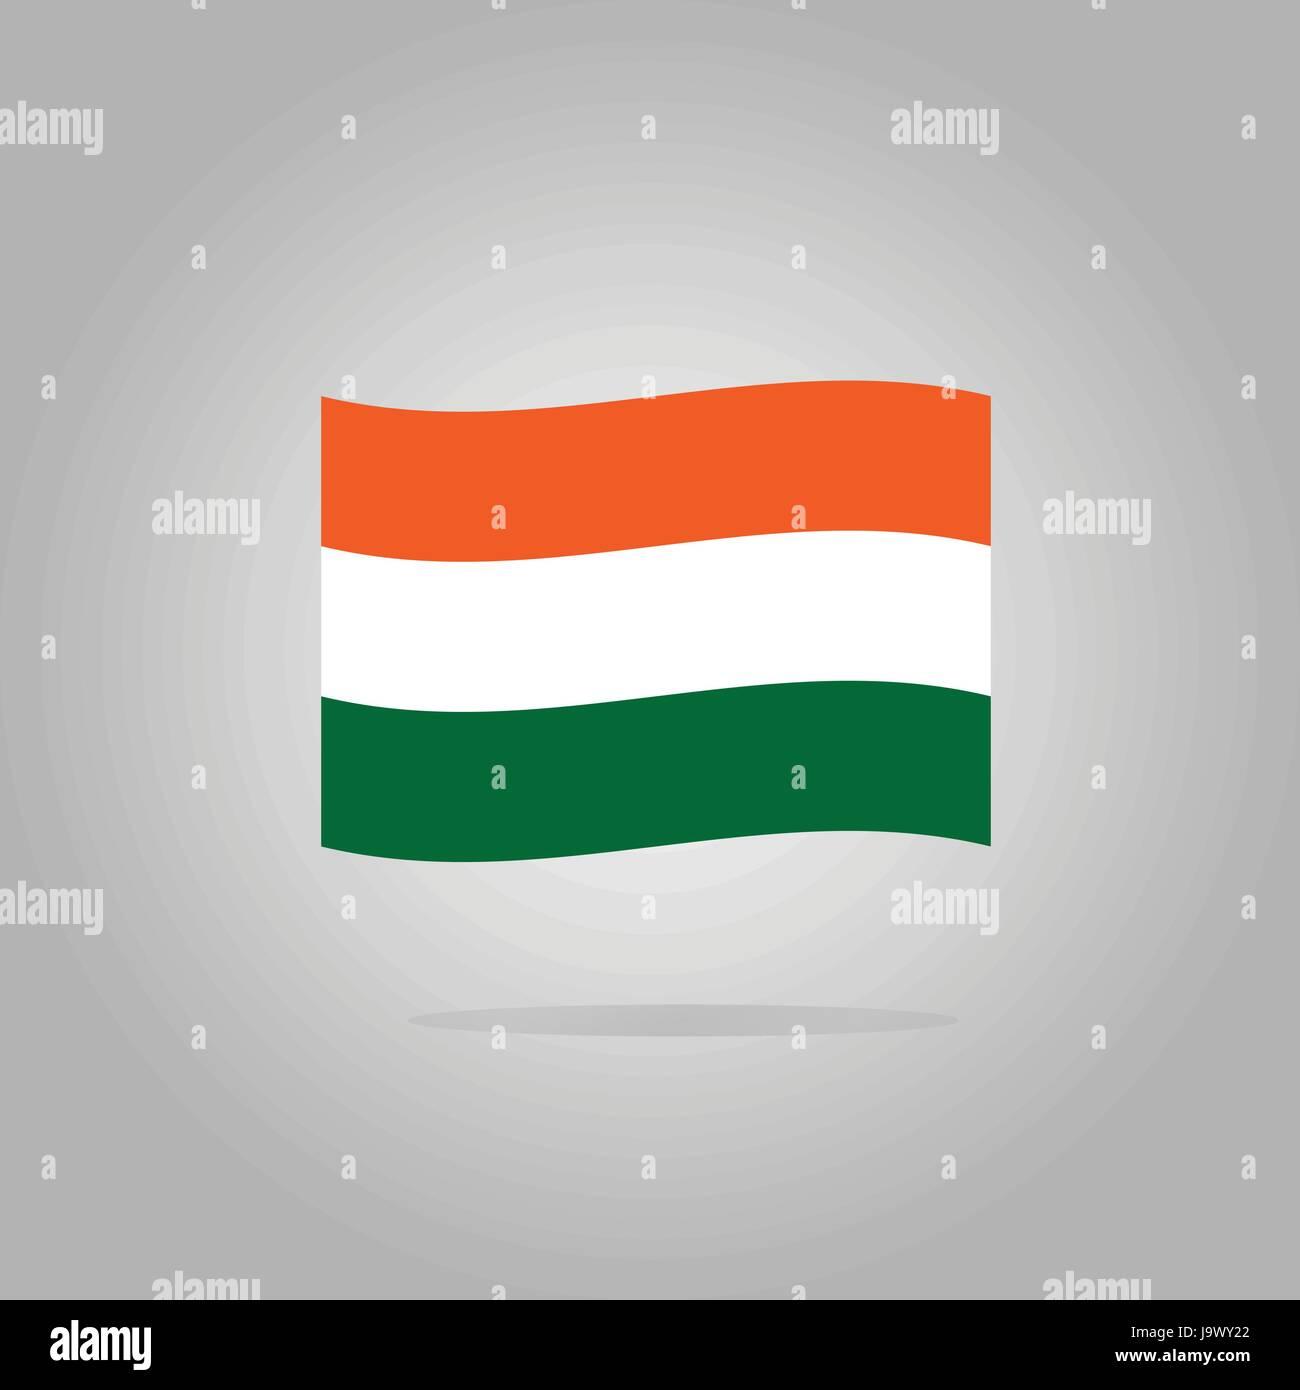 Hungary flag design illustration - Stock Vector